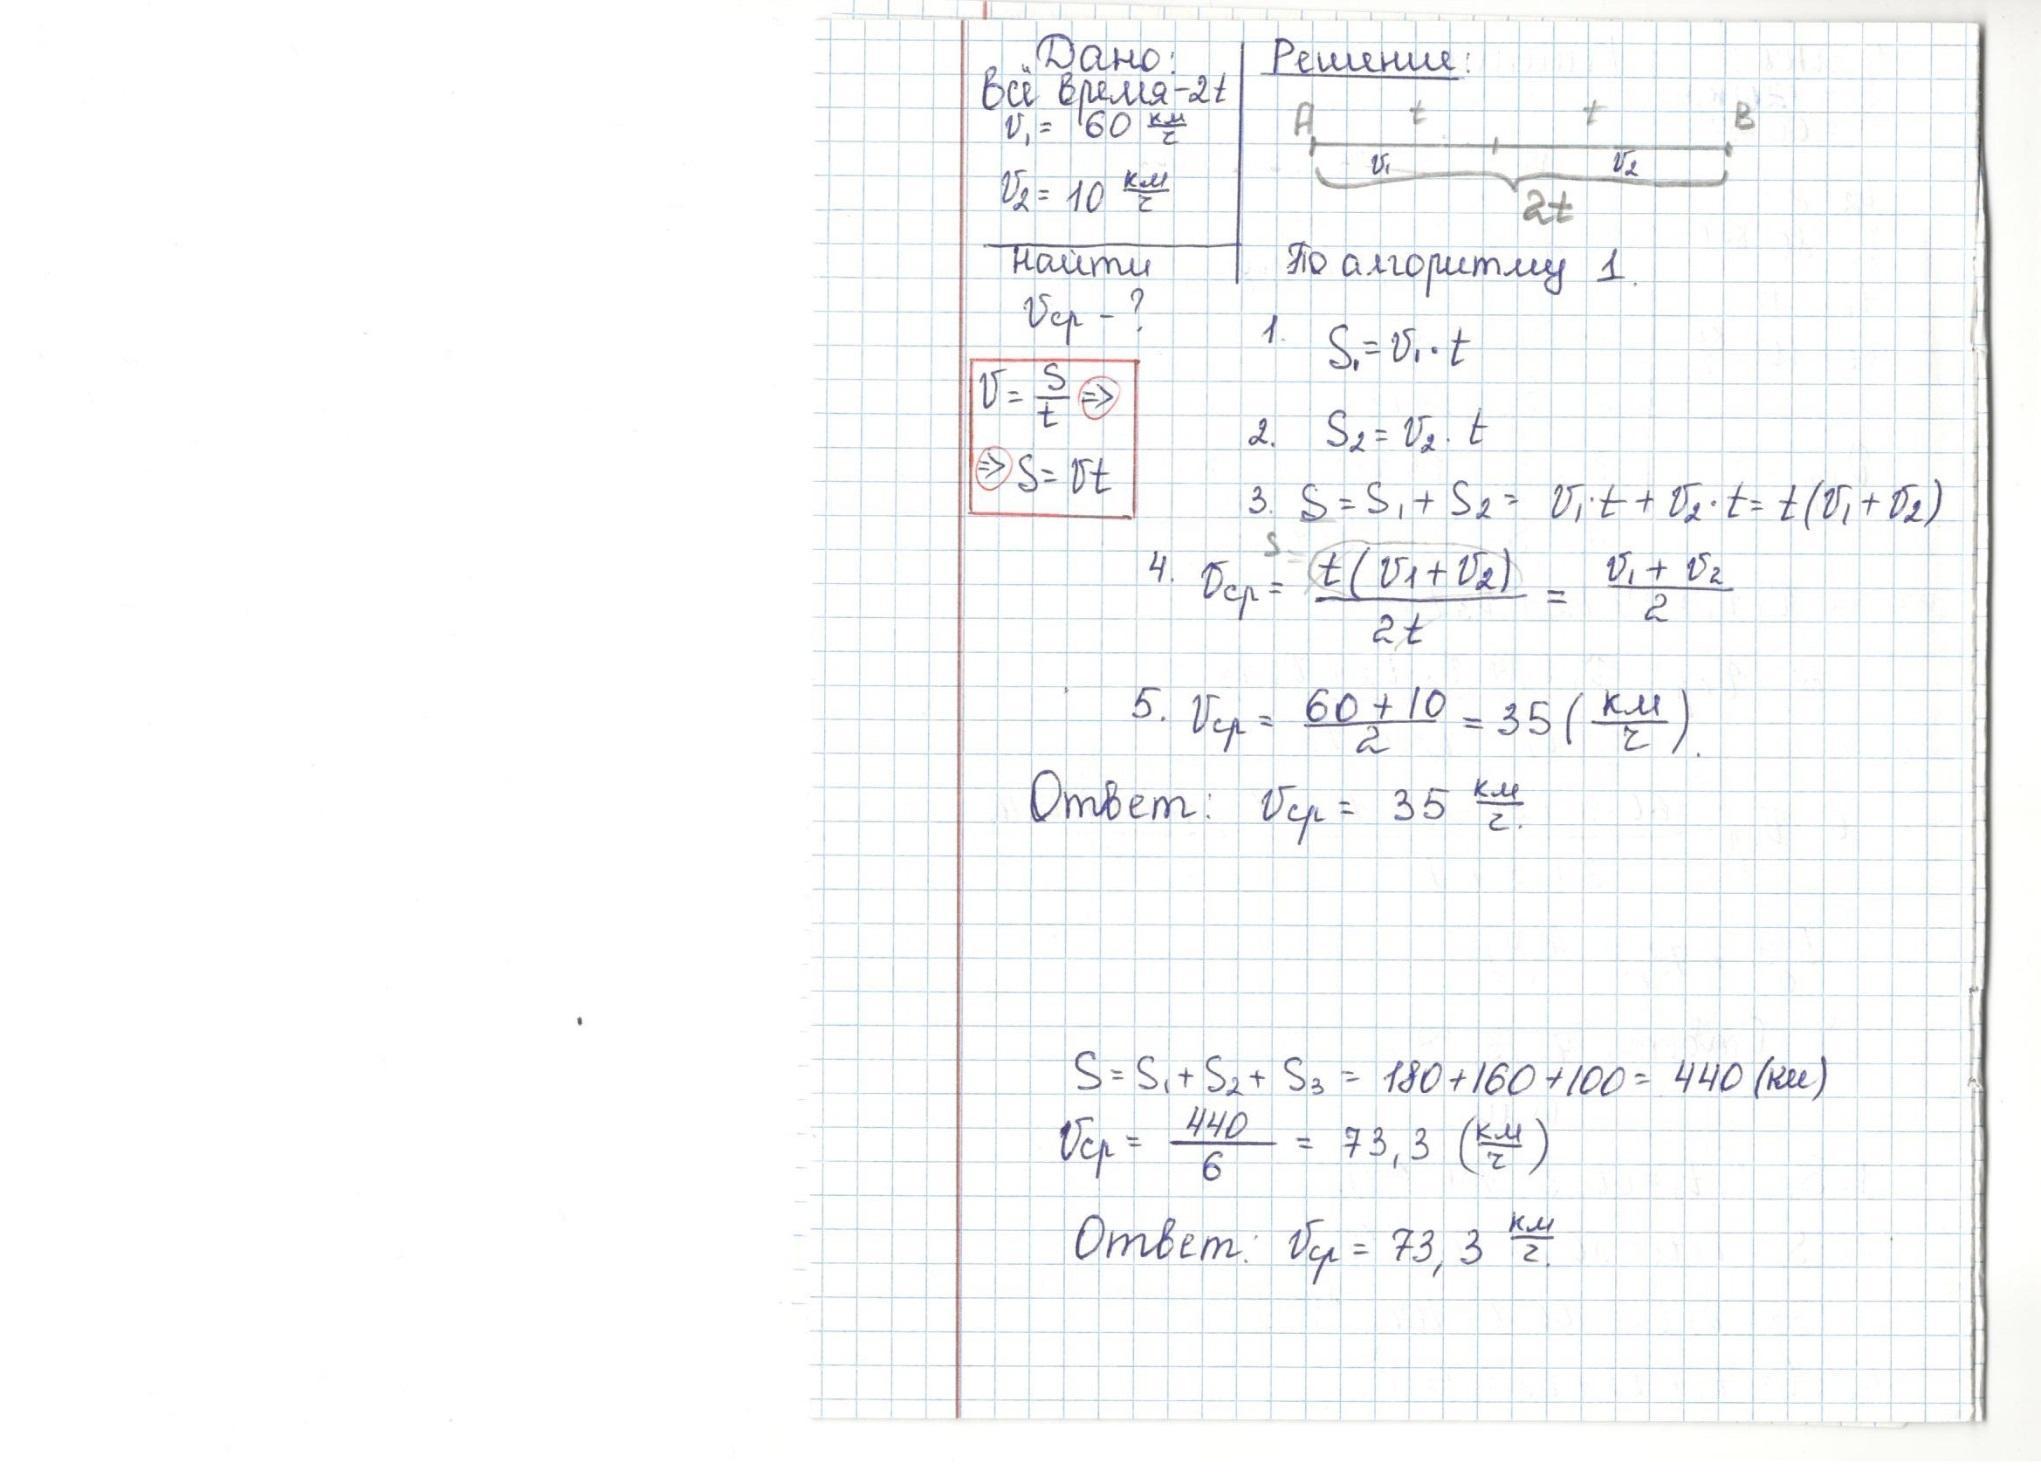 Примерное решение задач по физике 7 класс сложные задачи теория вероятности с решением